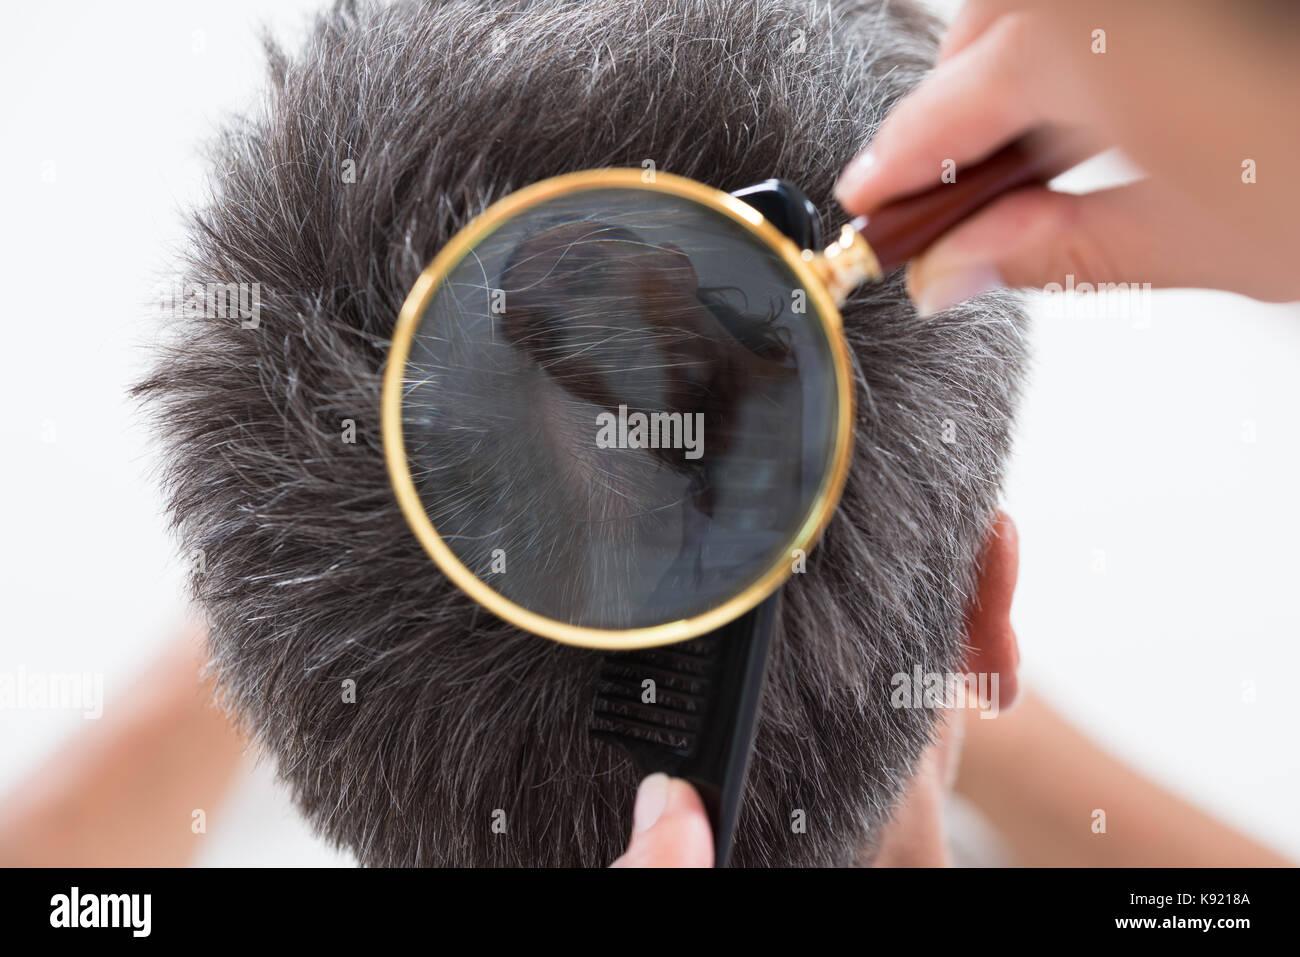 Angolo di alta vista del dermatologo controllo paziente i capelli nella  lente di ingrandimento 83480ba1bdd1